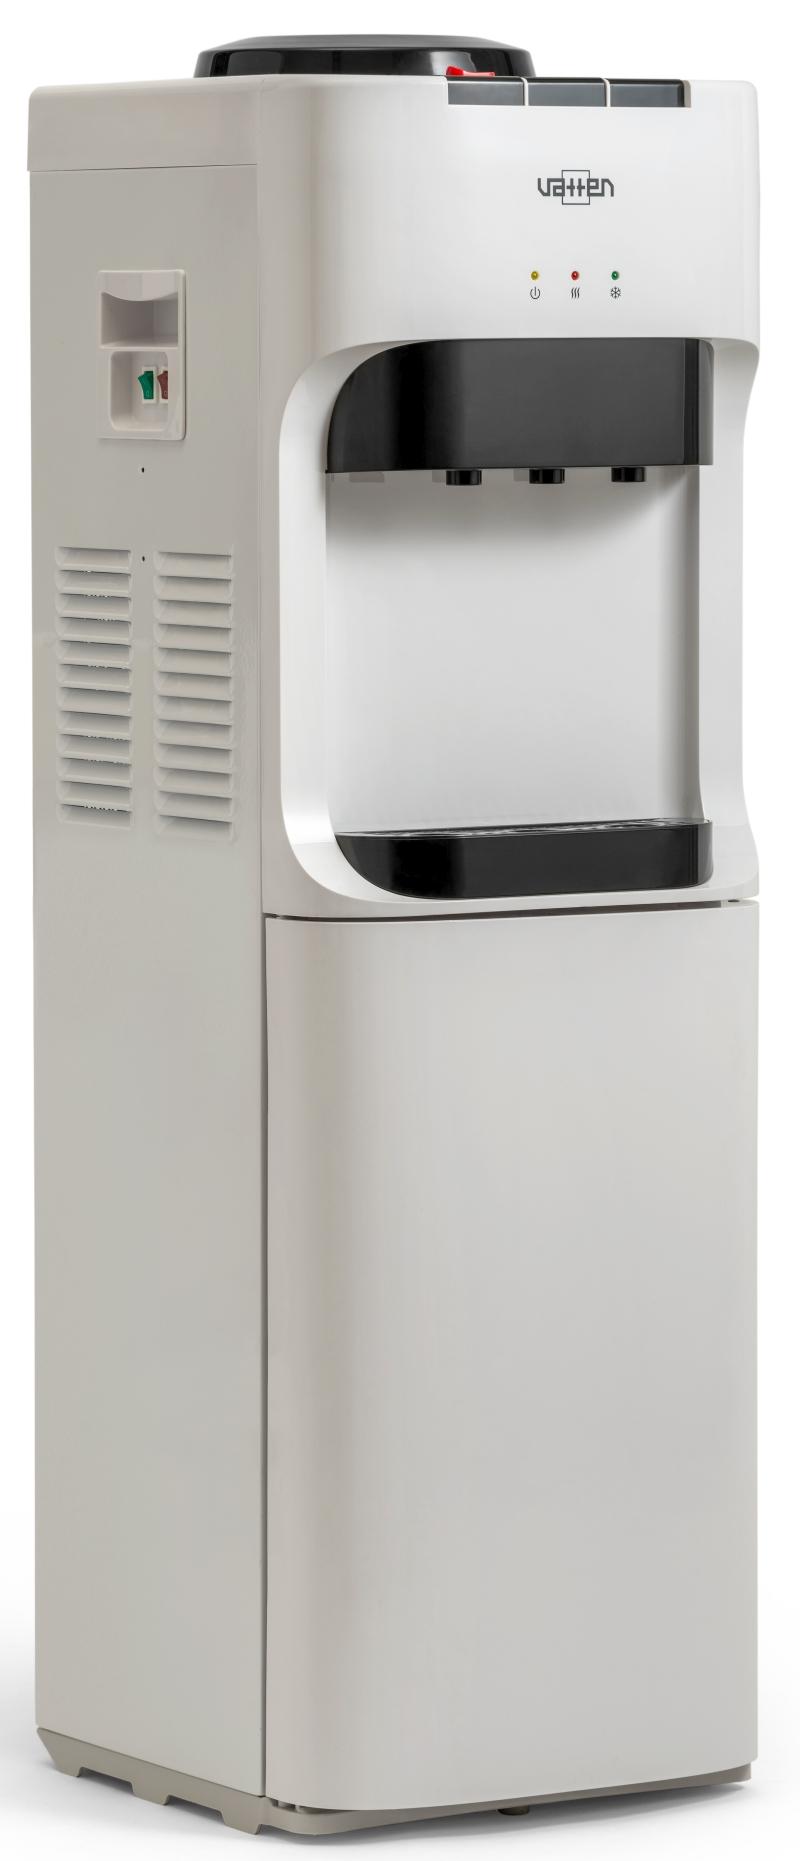 Кулер для воды VATTEN V45WE